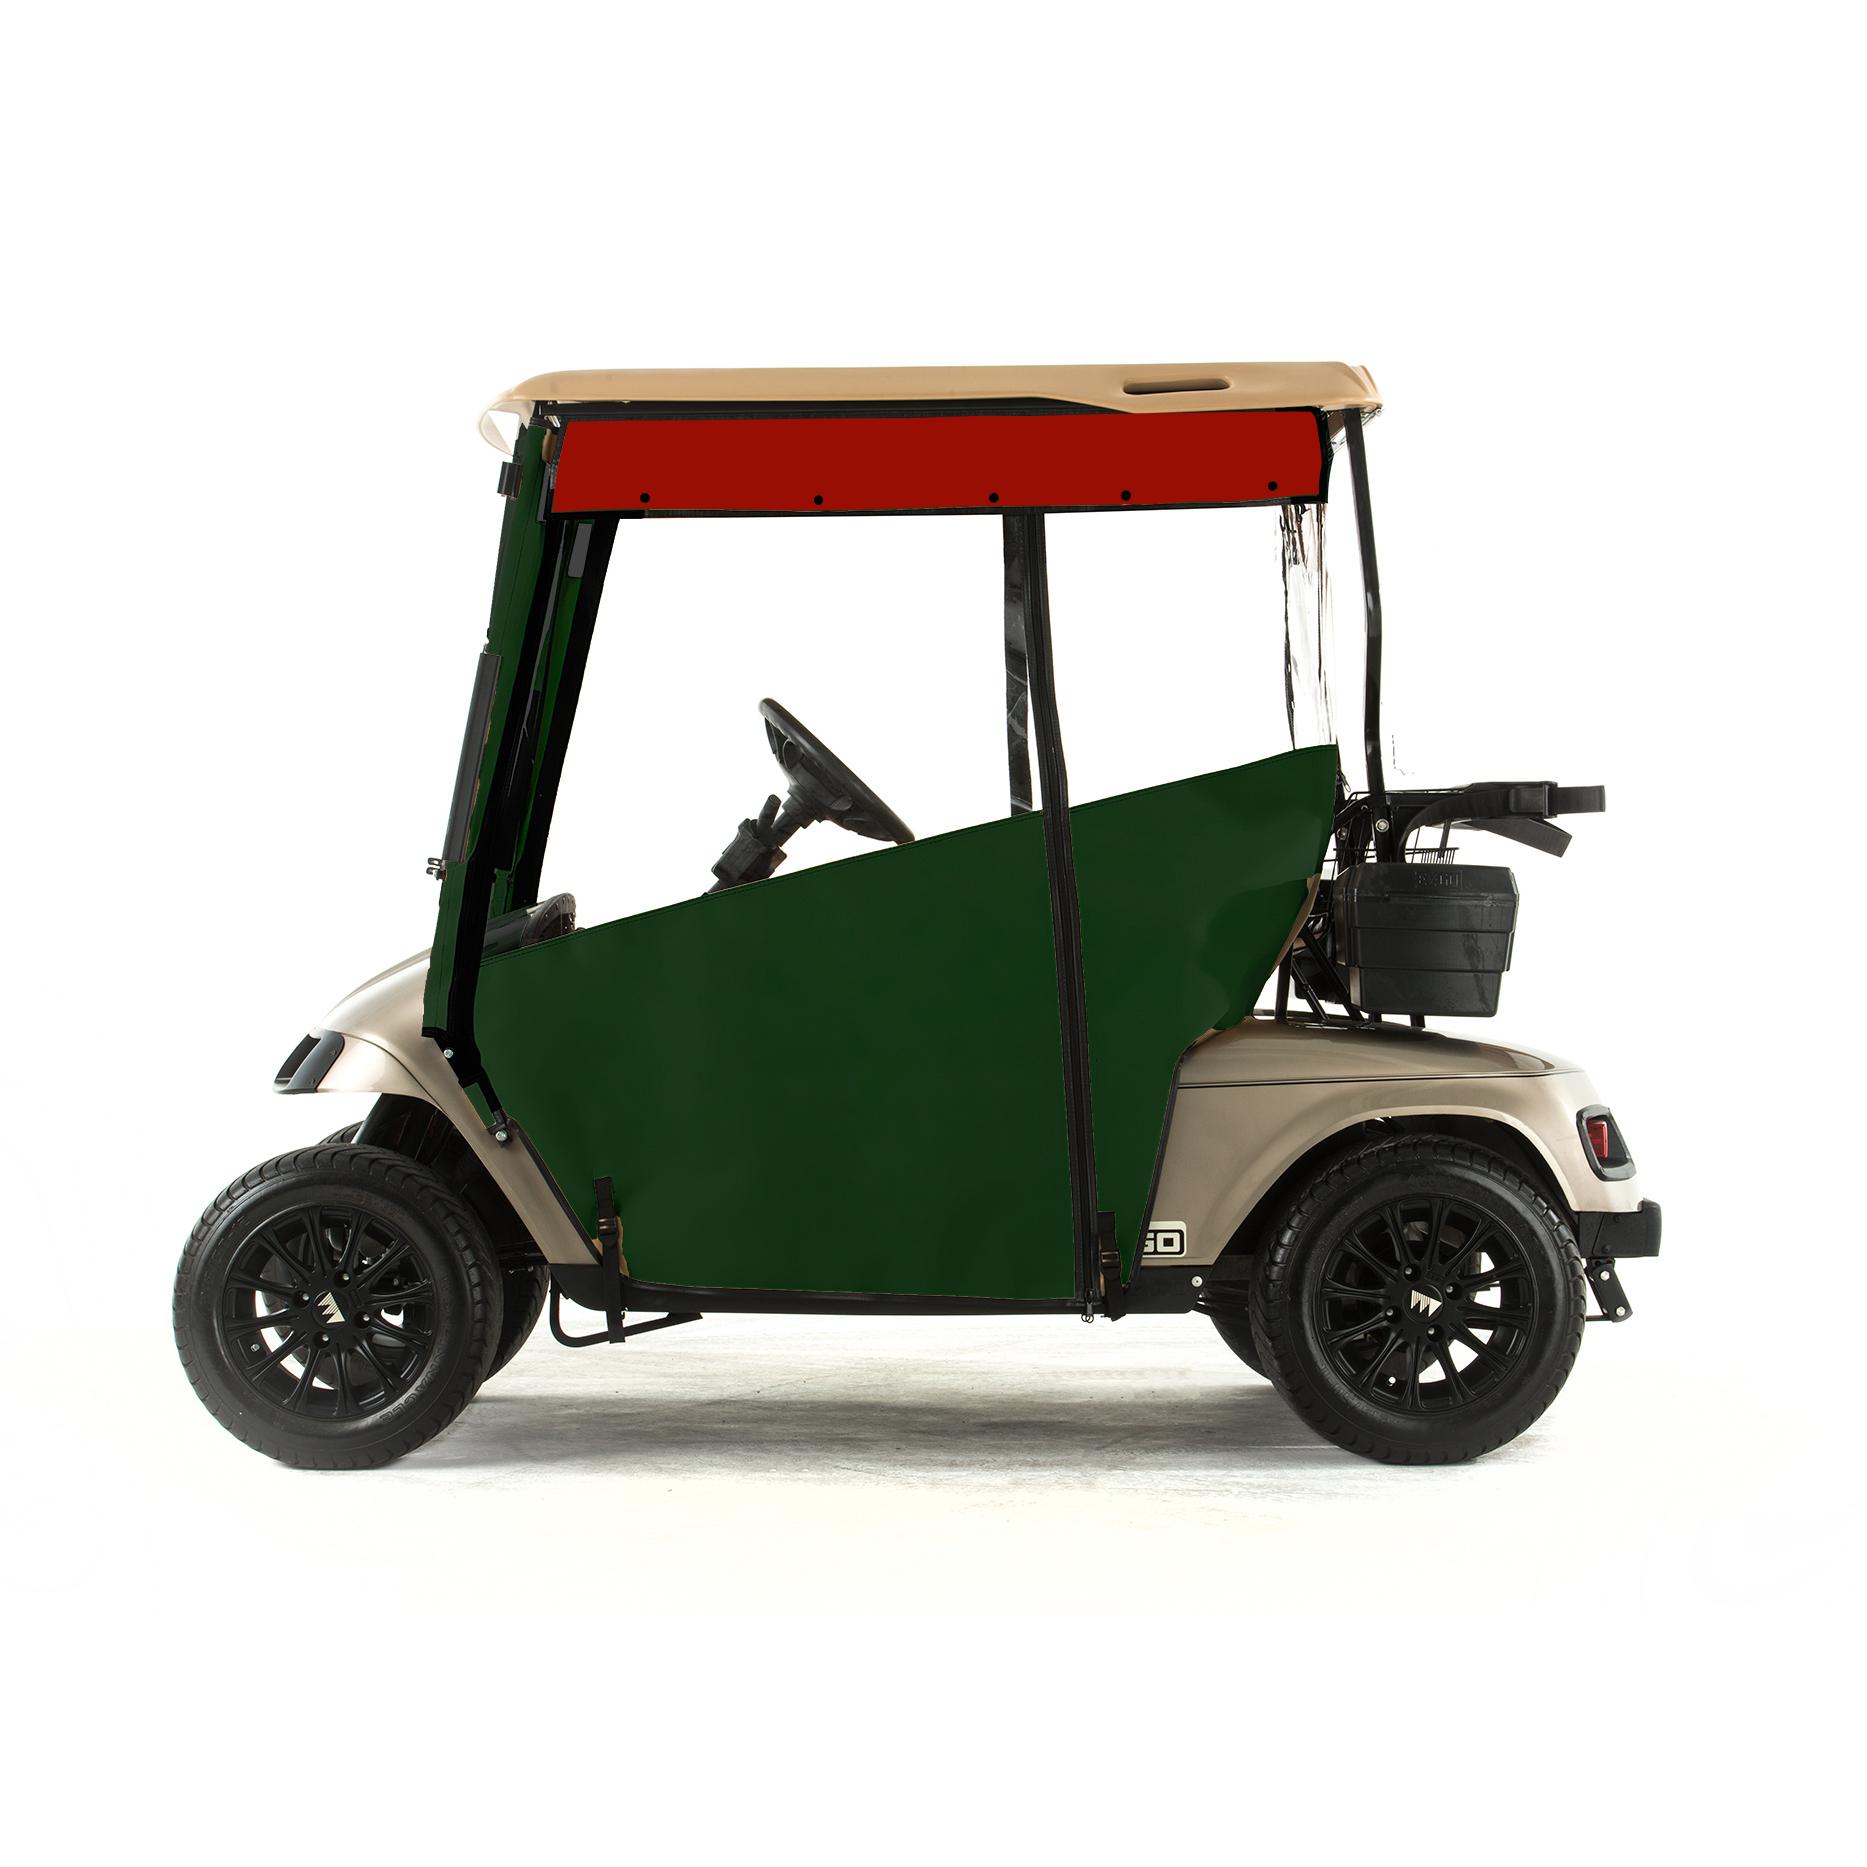 Sunbrella Golf Cart Ezgo Club Cover on club car seat covers, club car golf cart rain covers, sam's club golf cart covers,